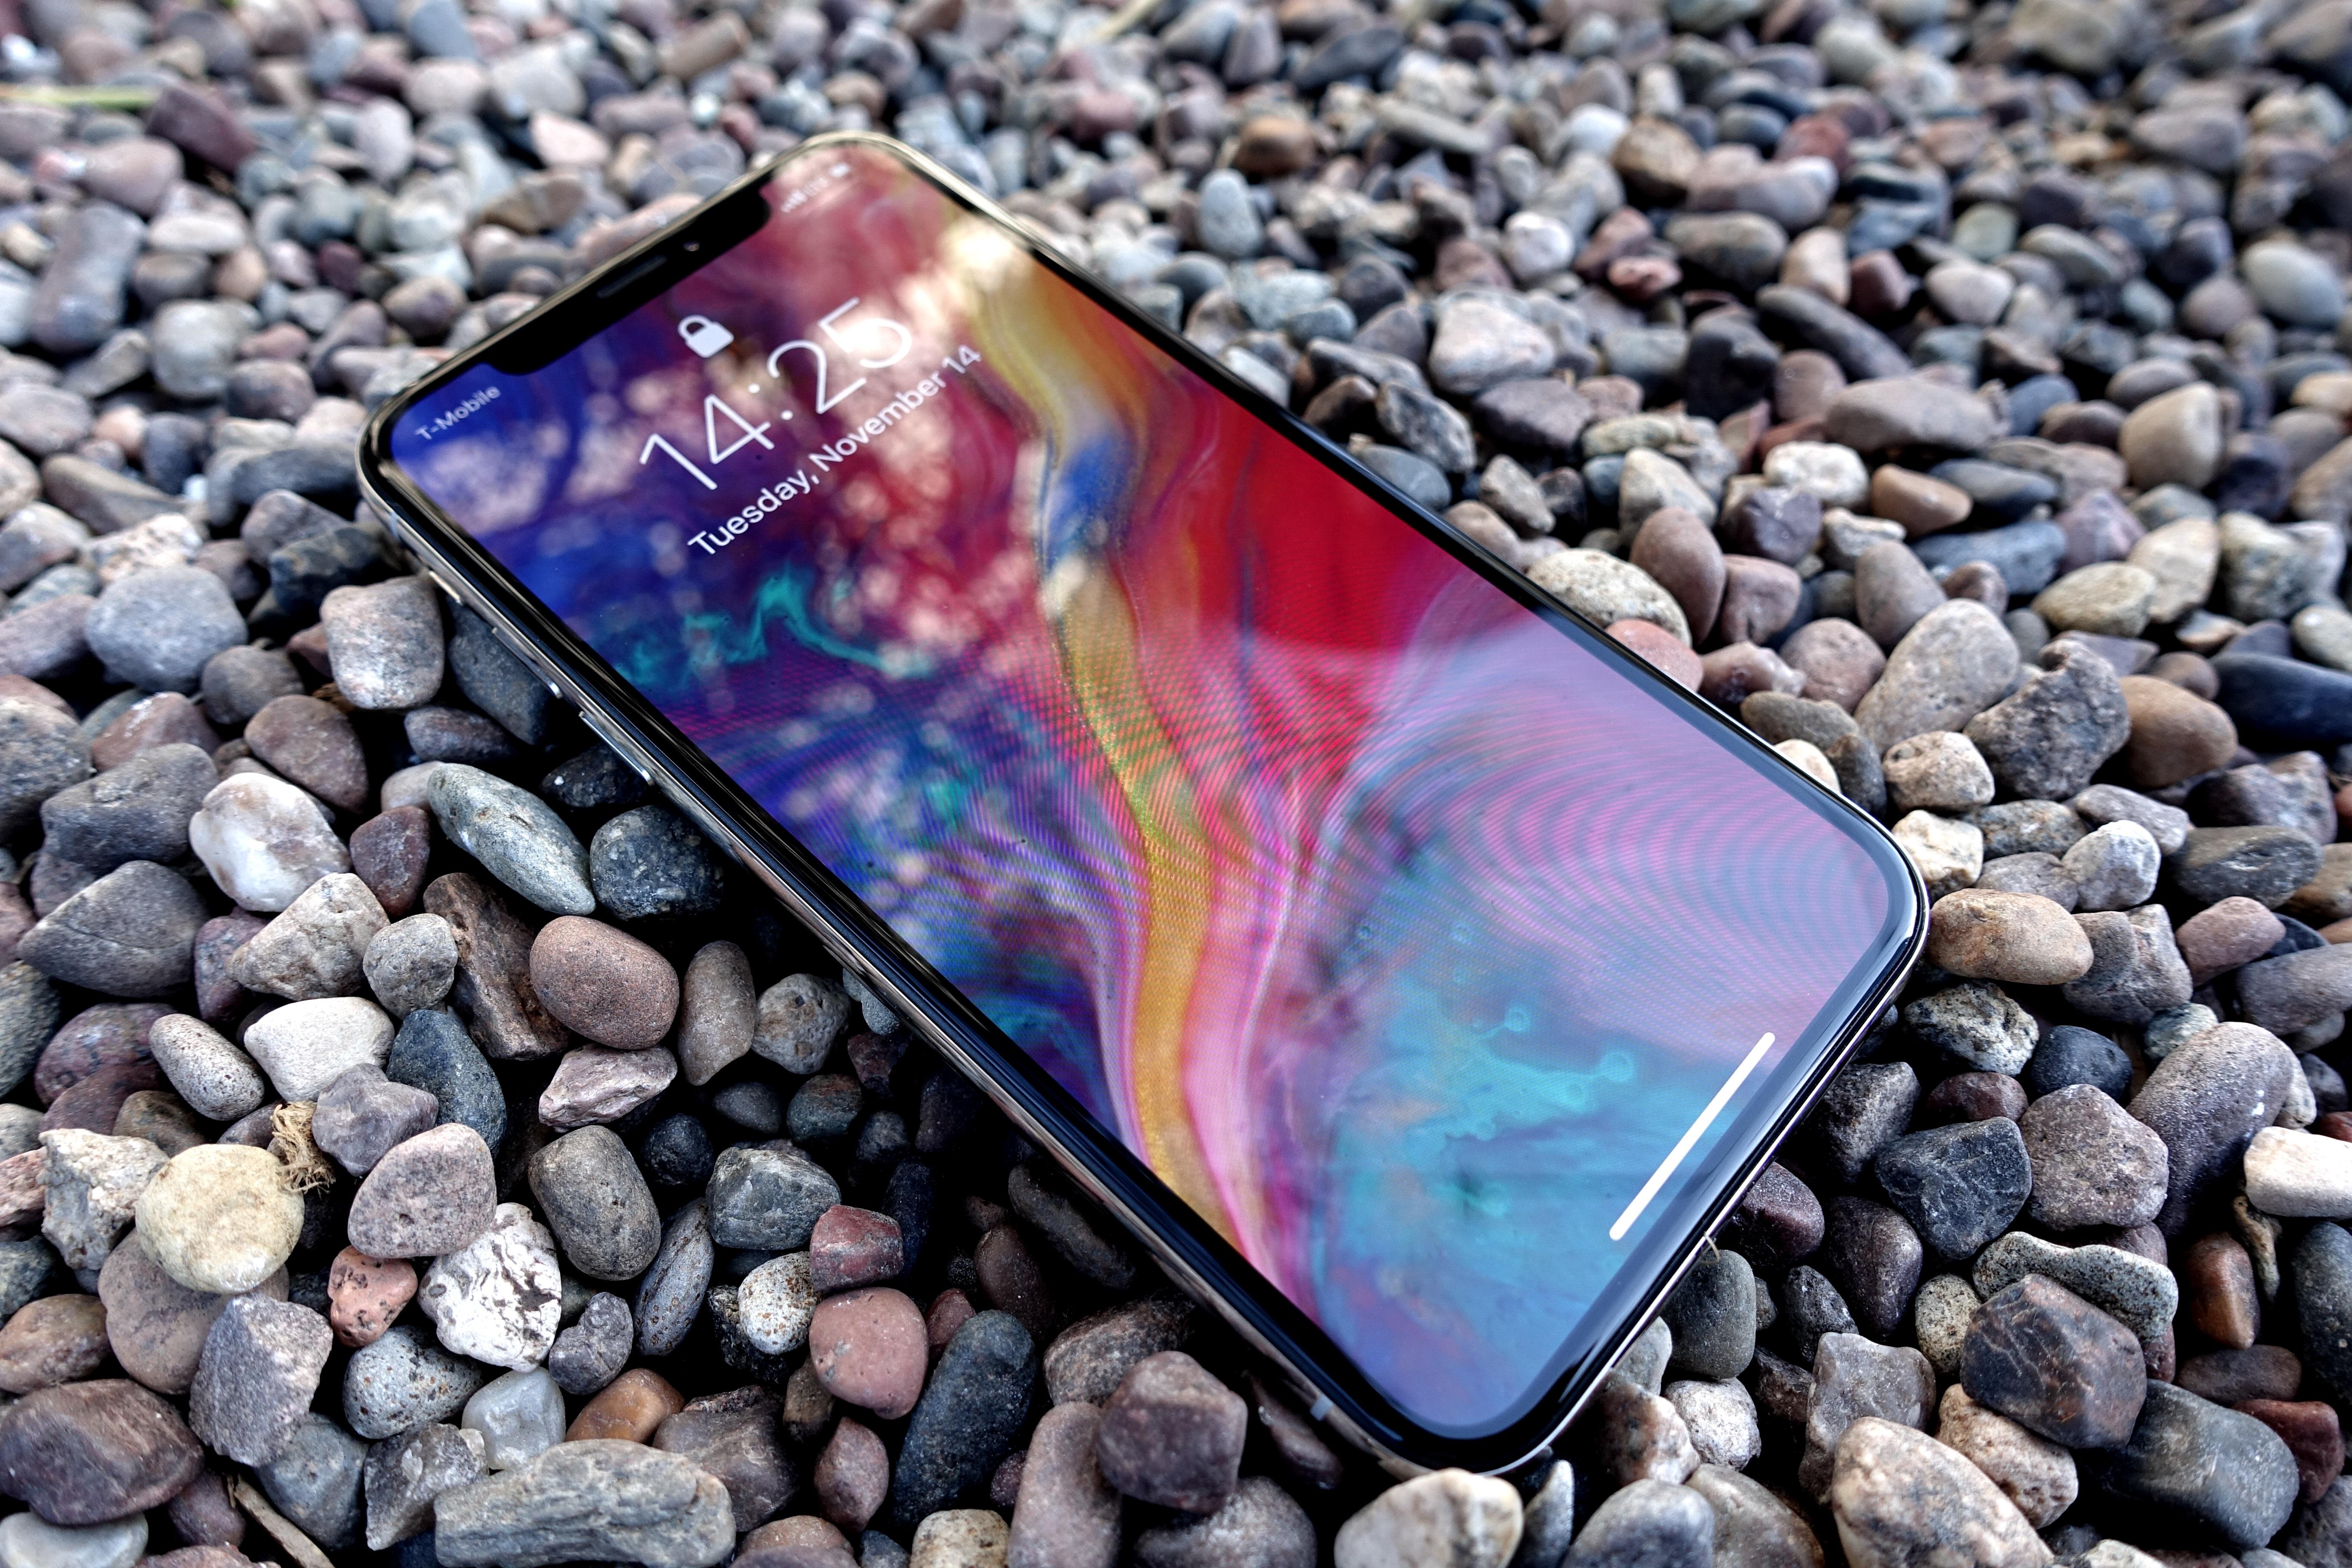 Apple iPhone X er etter vår mening den beste smartmobilen for de fleste. Om Apples tall er korrekte, er verden enig.